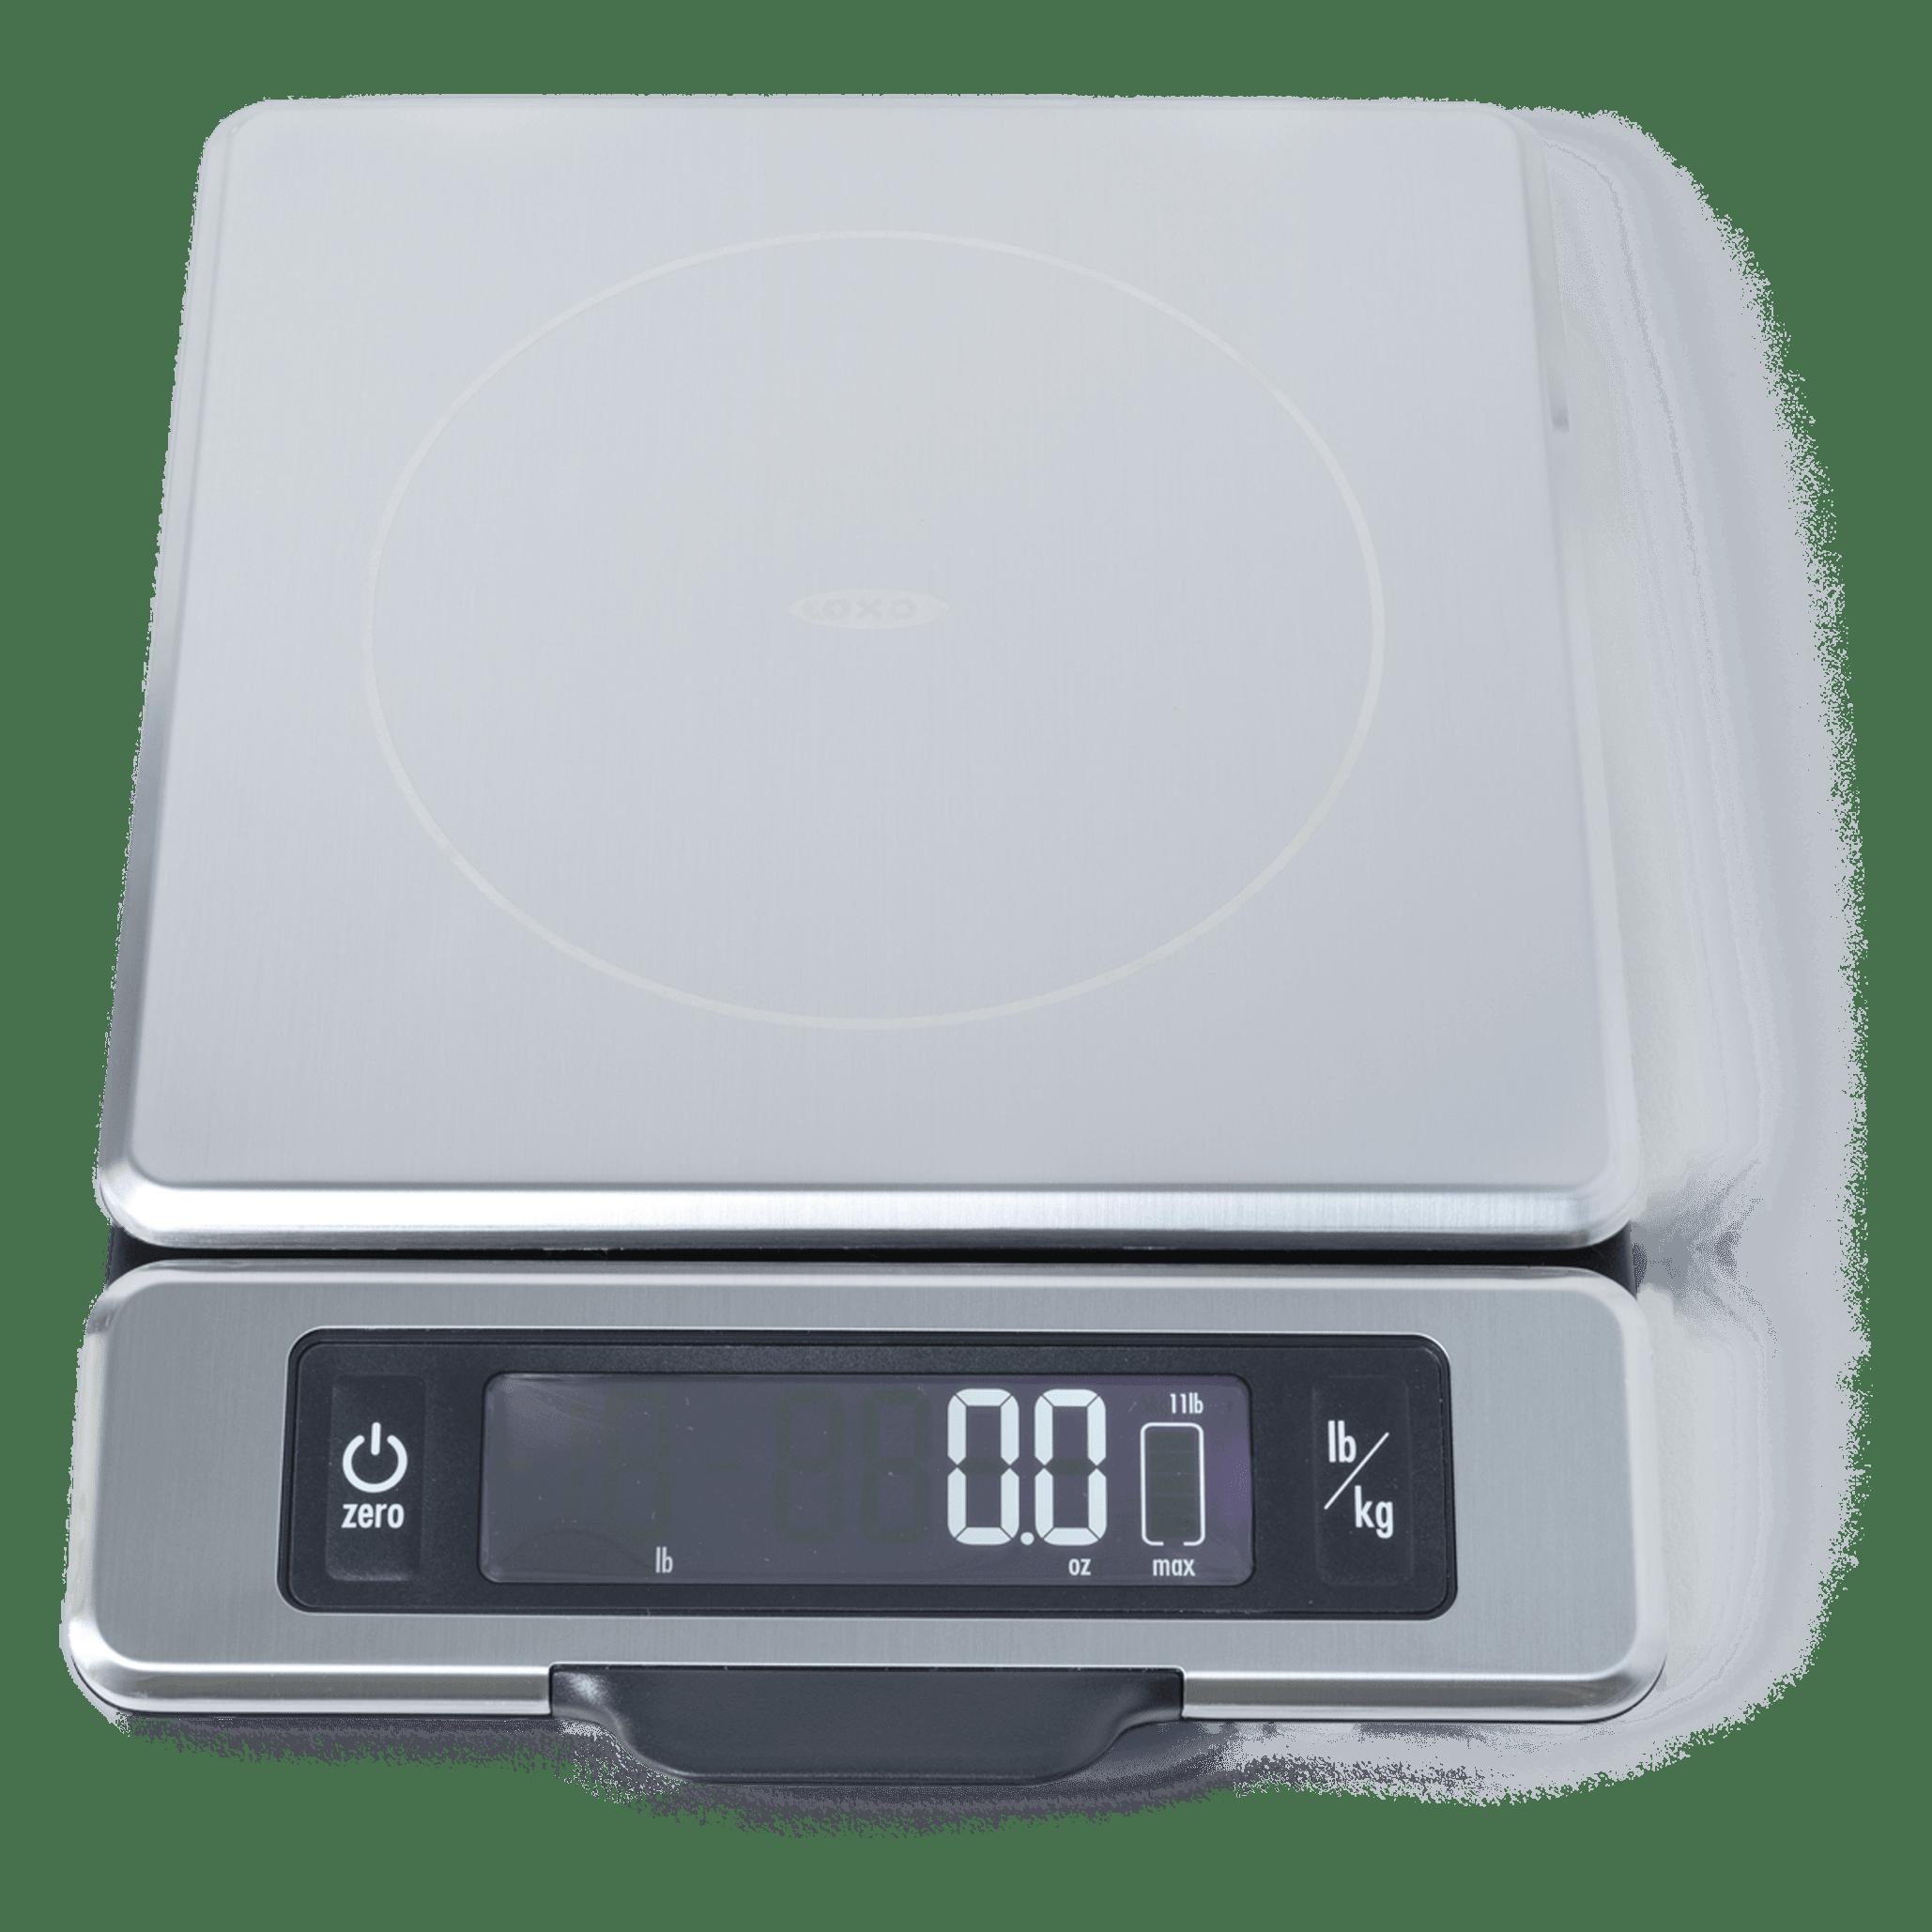 Best Digital Kitchen Scale: The Best Digital Kitchen Scales